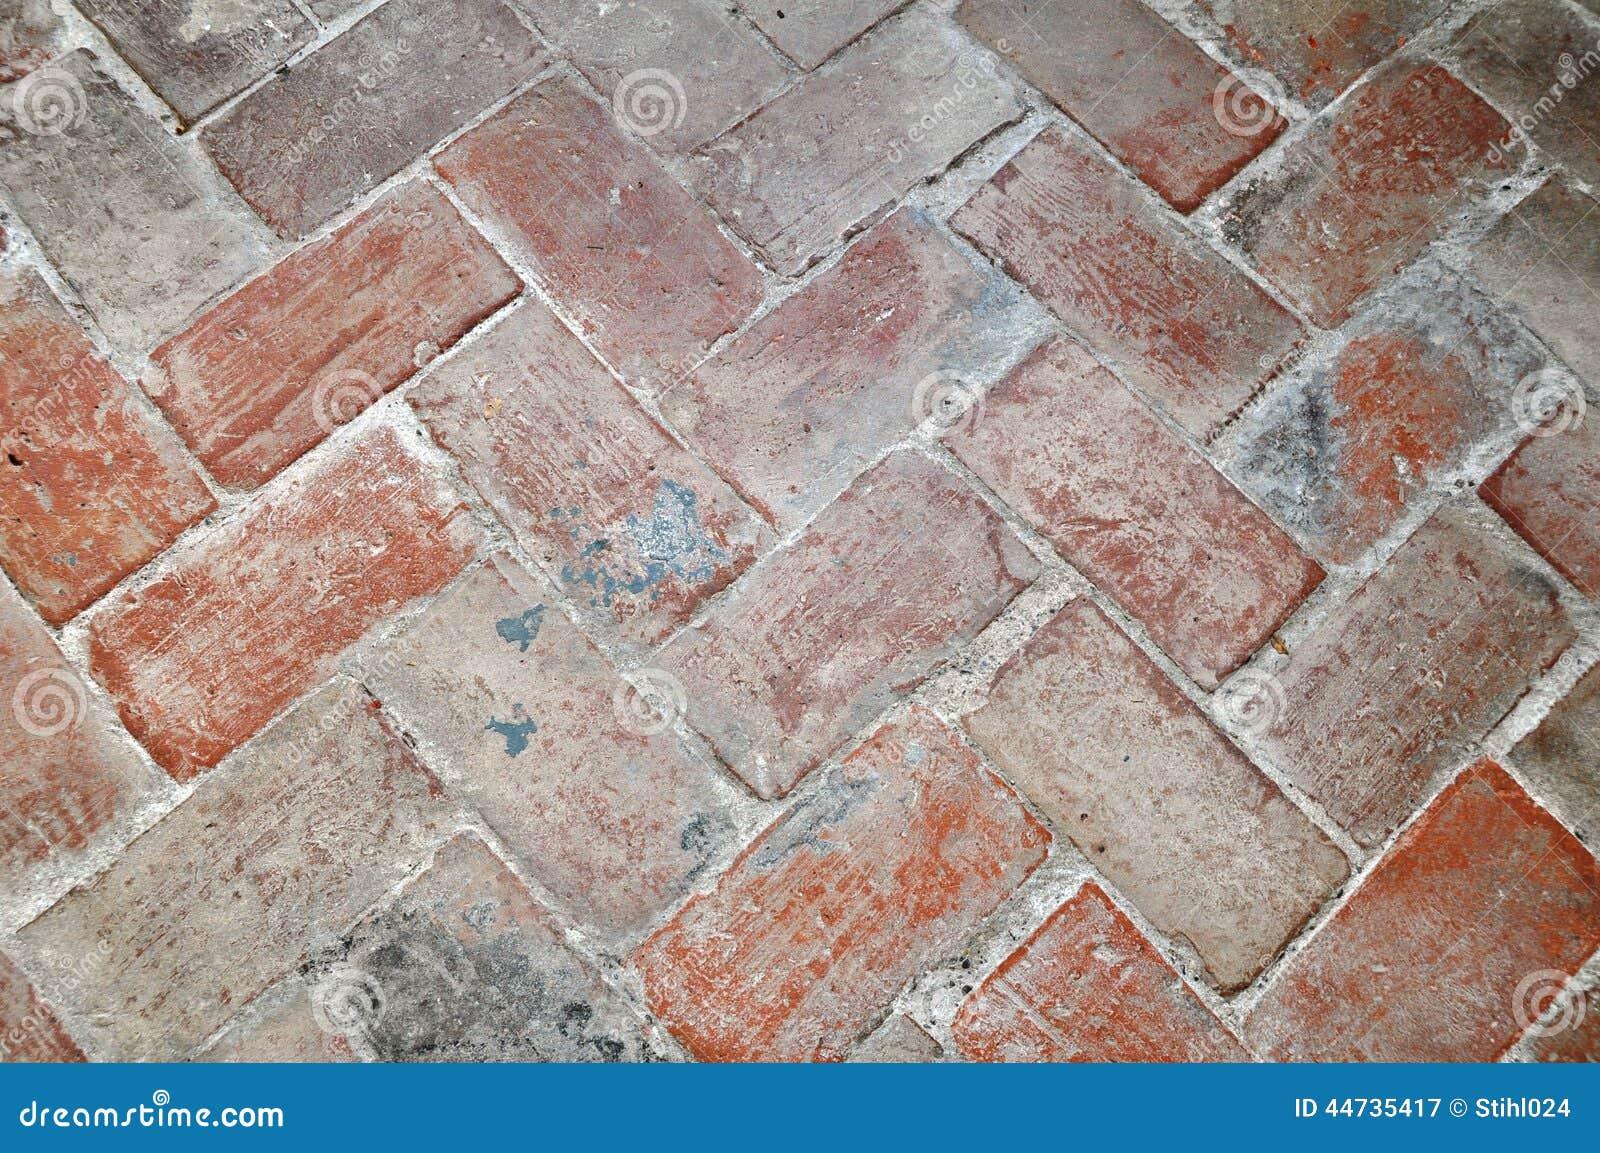 Boden von ziegelsteinen im fischgr tenmustermuster for Boden ziegelsteine